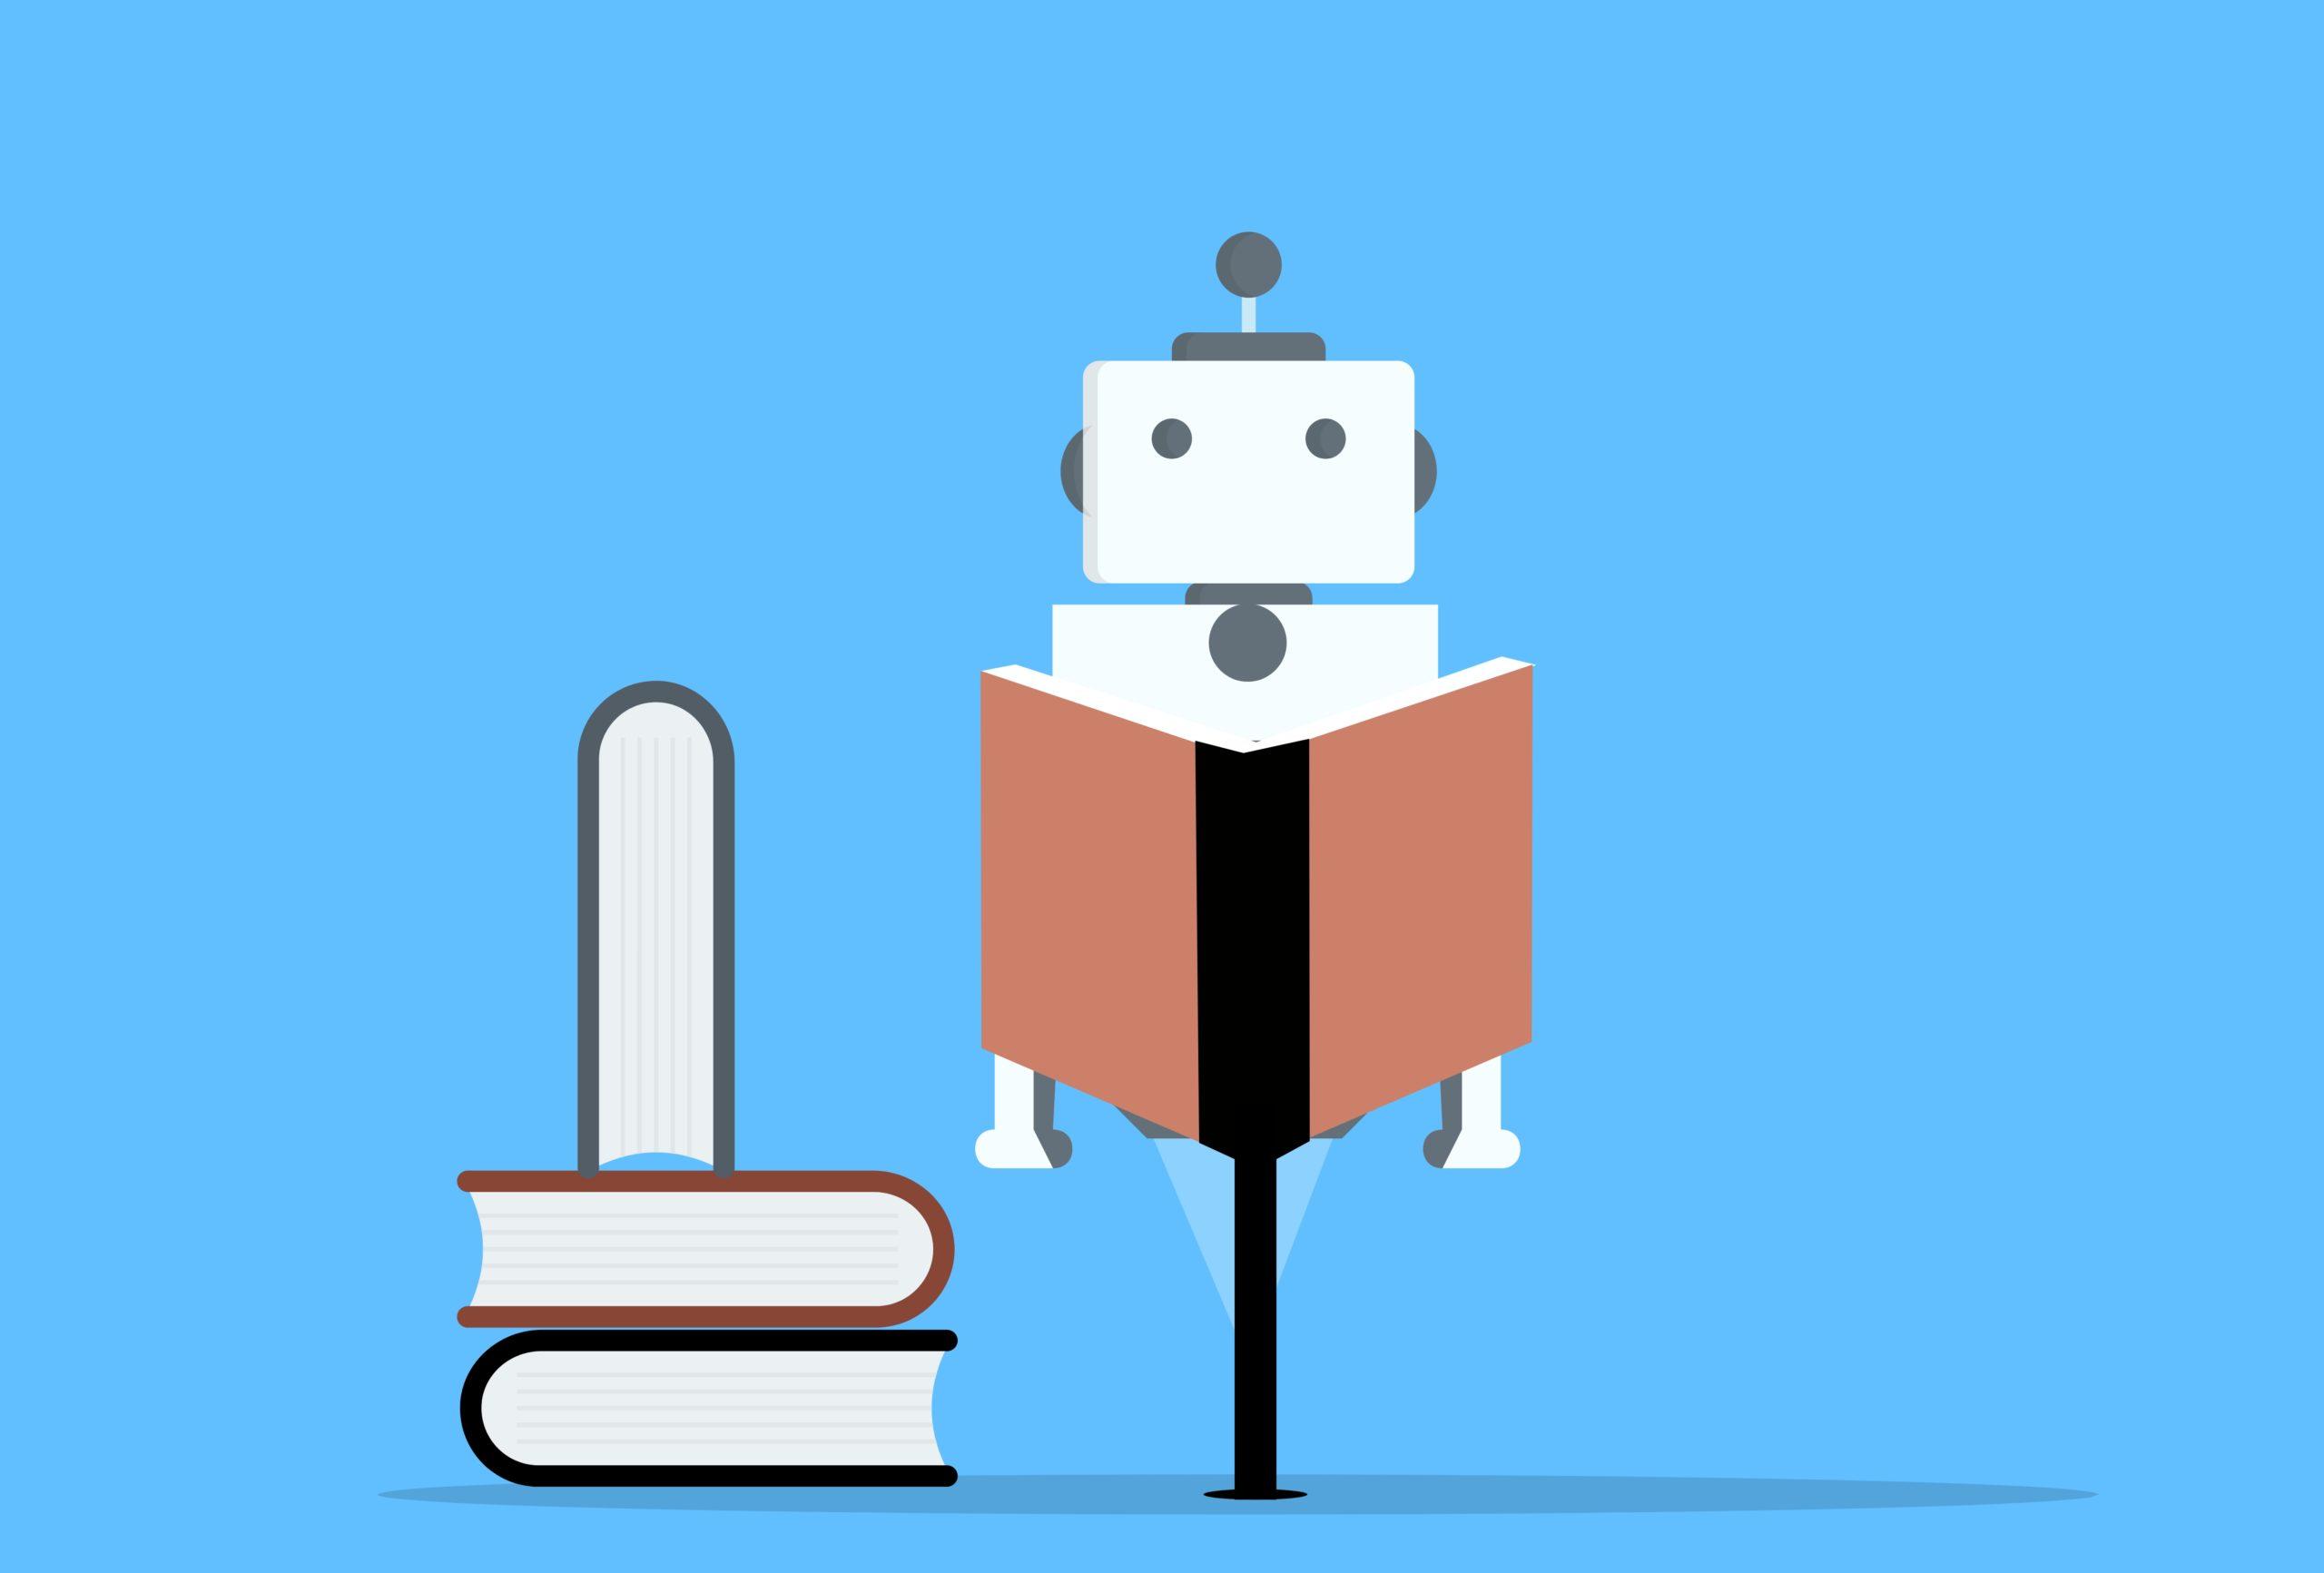 Découvrons comment l'intelligence artificielle apprend à se créer elle-même